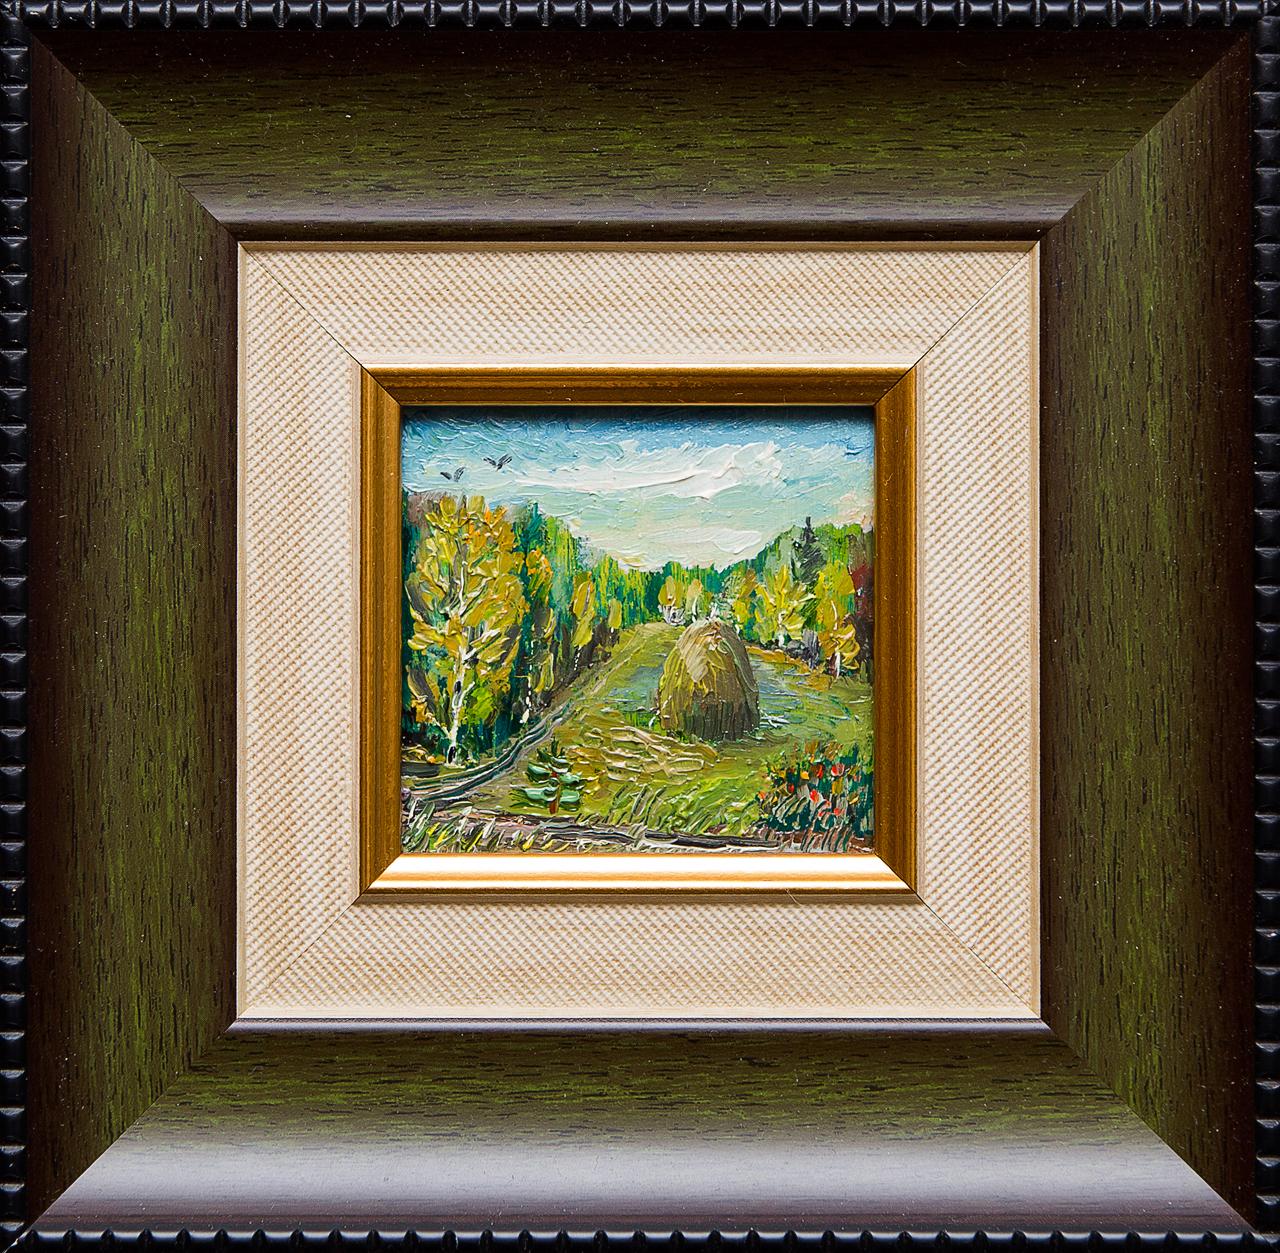 Картина маслом В лесу Мифтахов картина маслом подсолнухи мифтахов